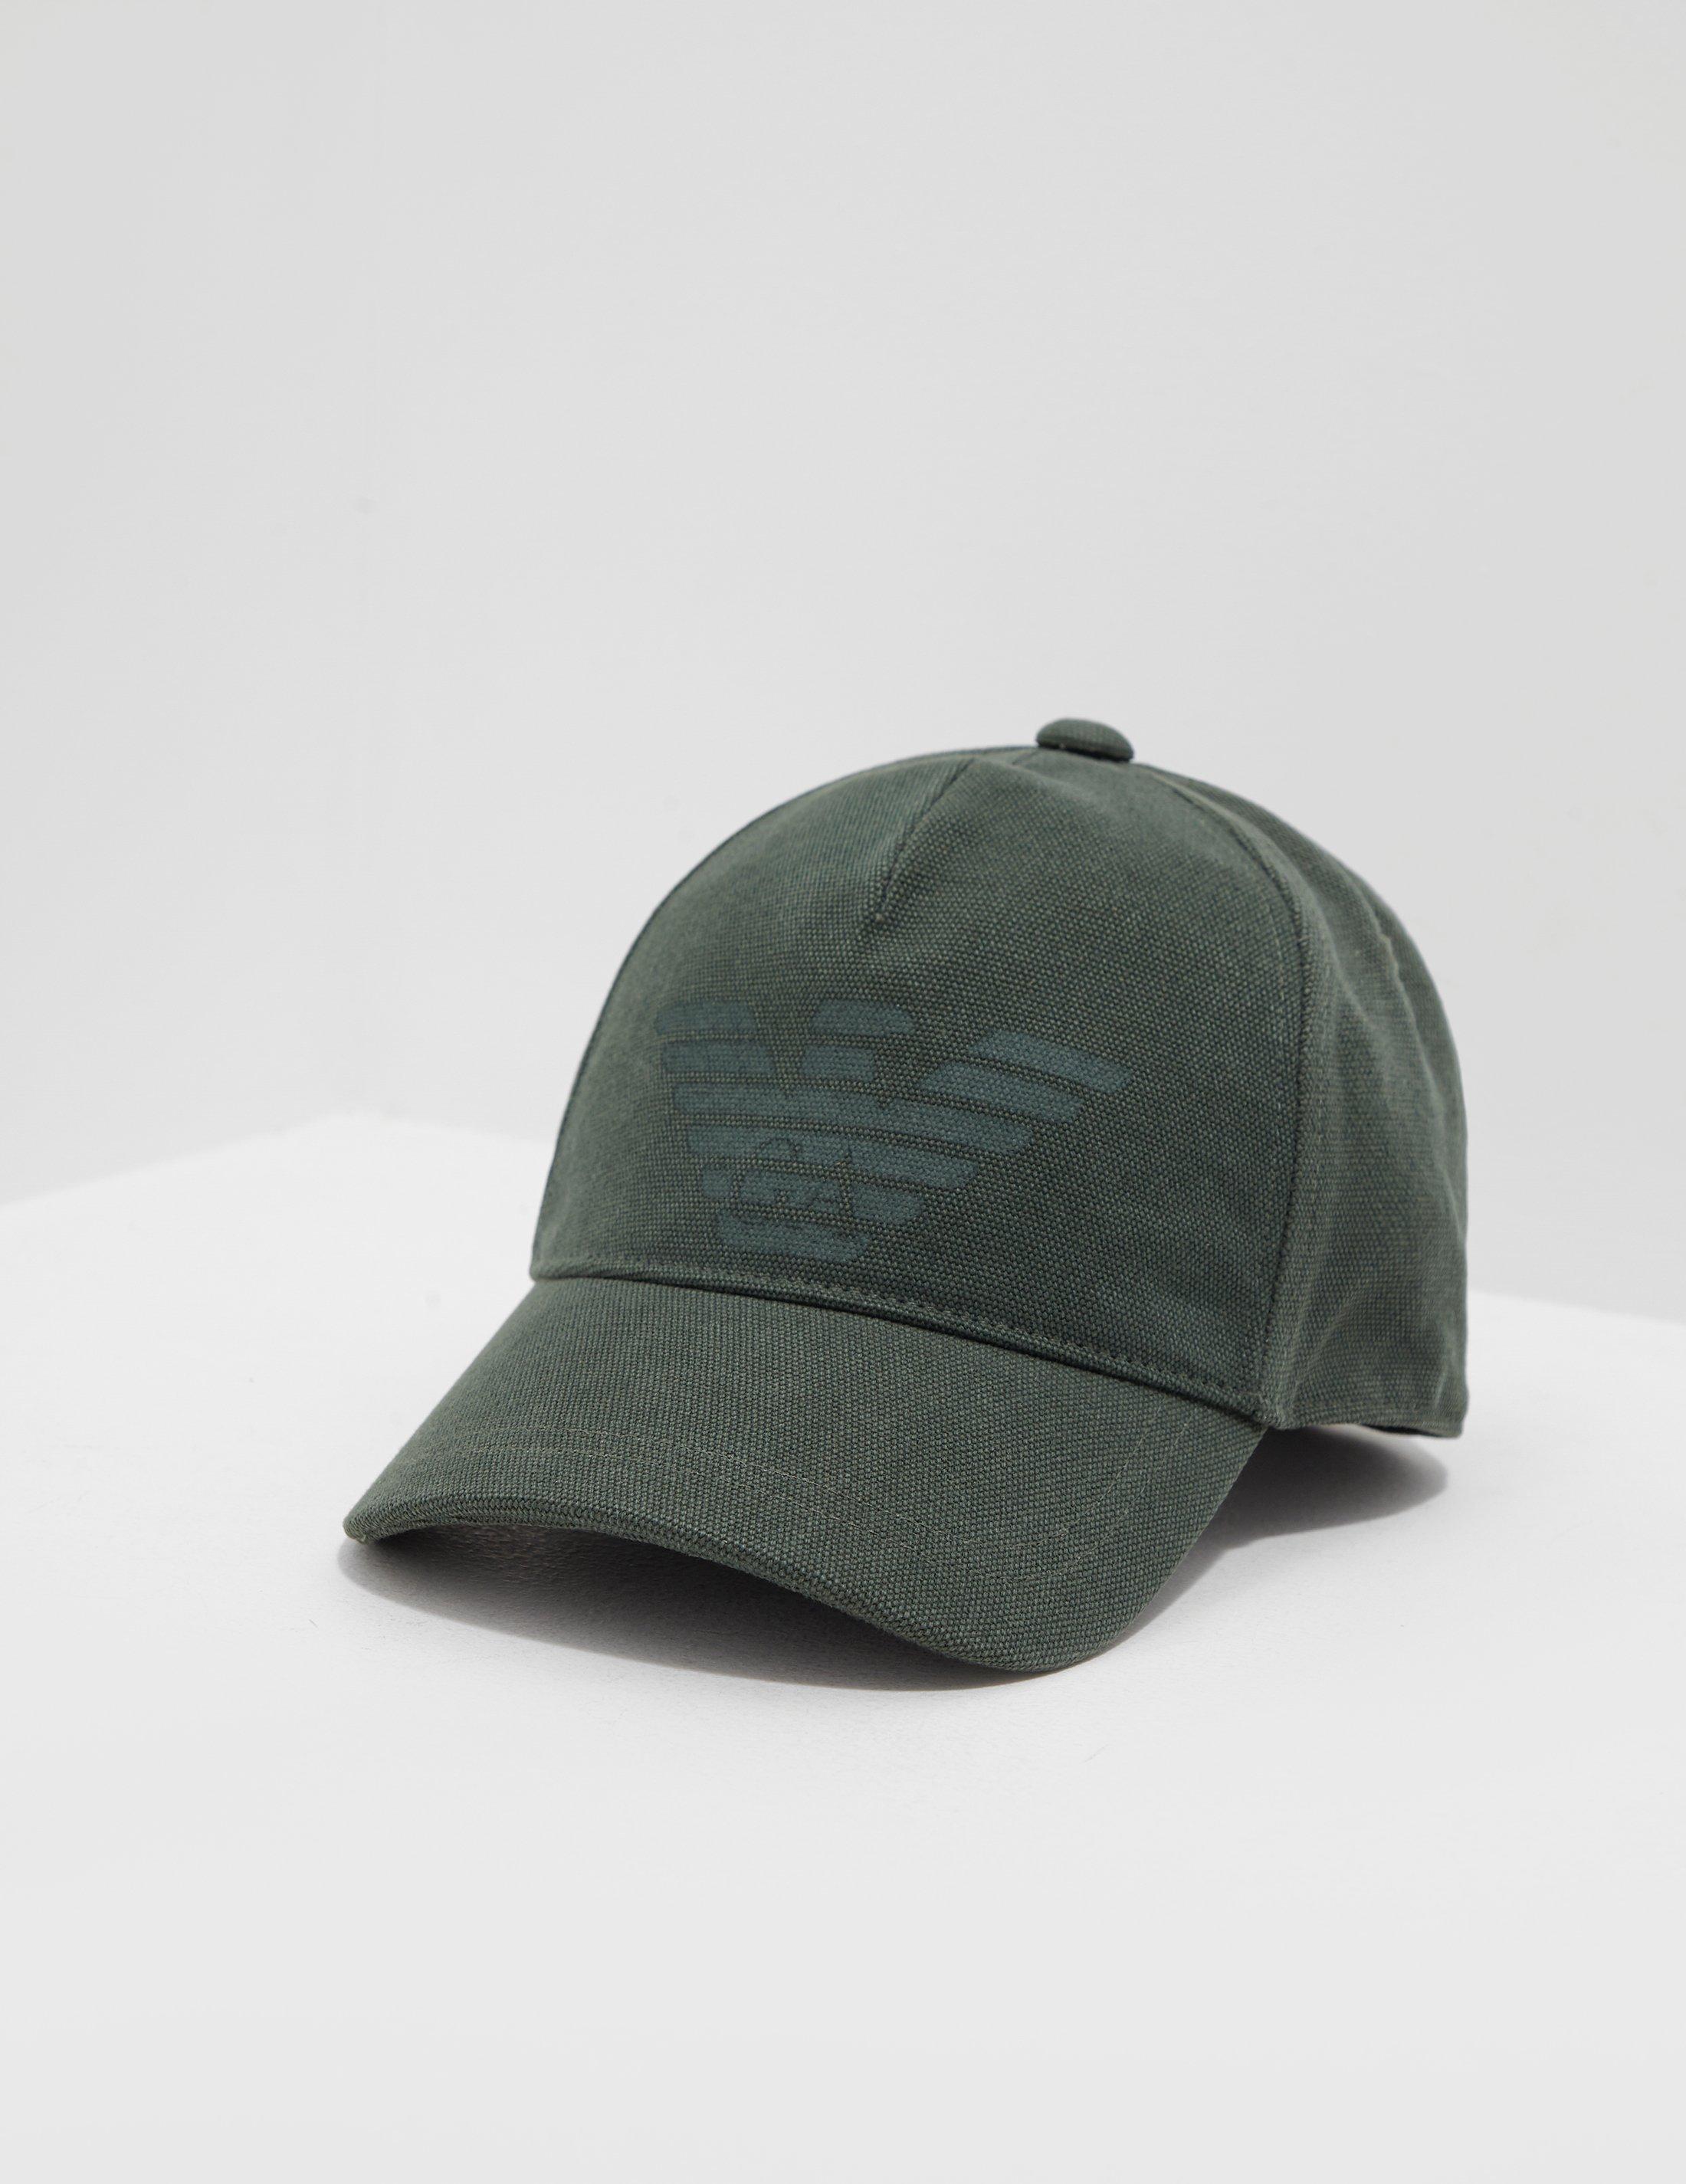 cb221e4c18e05 Emporio Armani Print Eagle Cap Green in Green for Men - Lyst